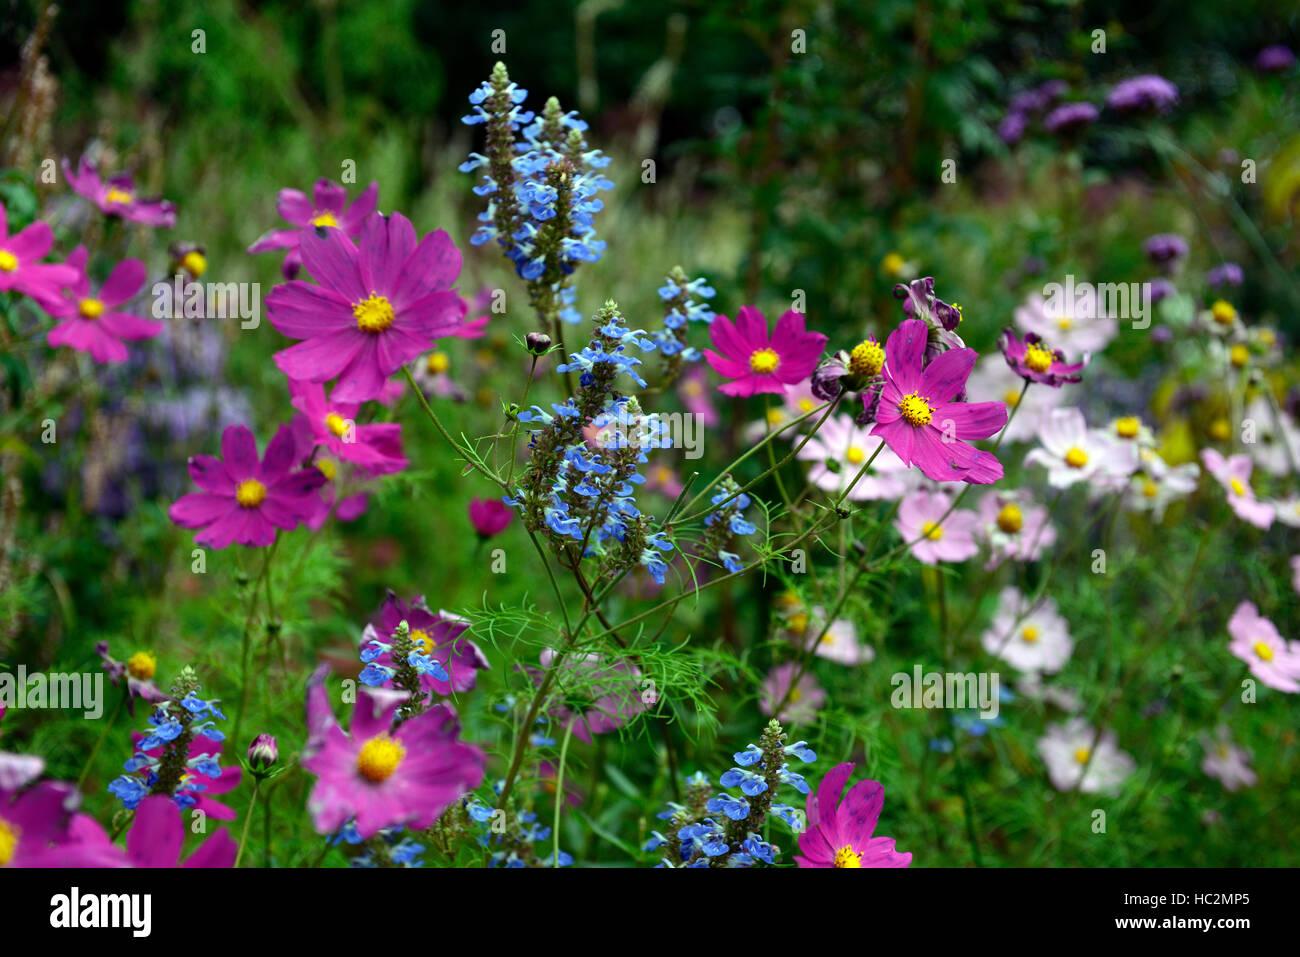 Cosmo salvia rosa blu bianco mix letto misto di visualizzazione